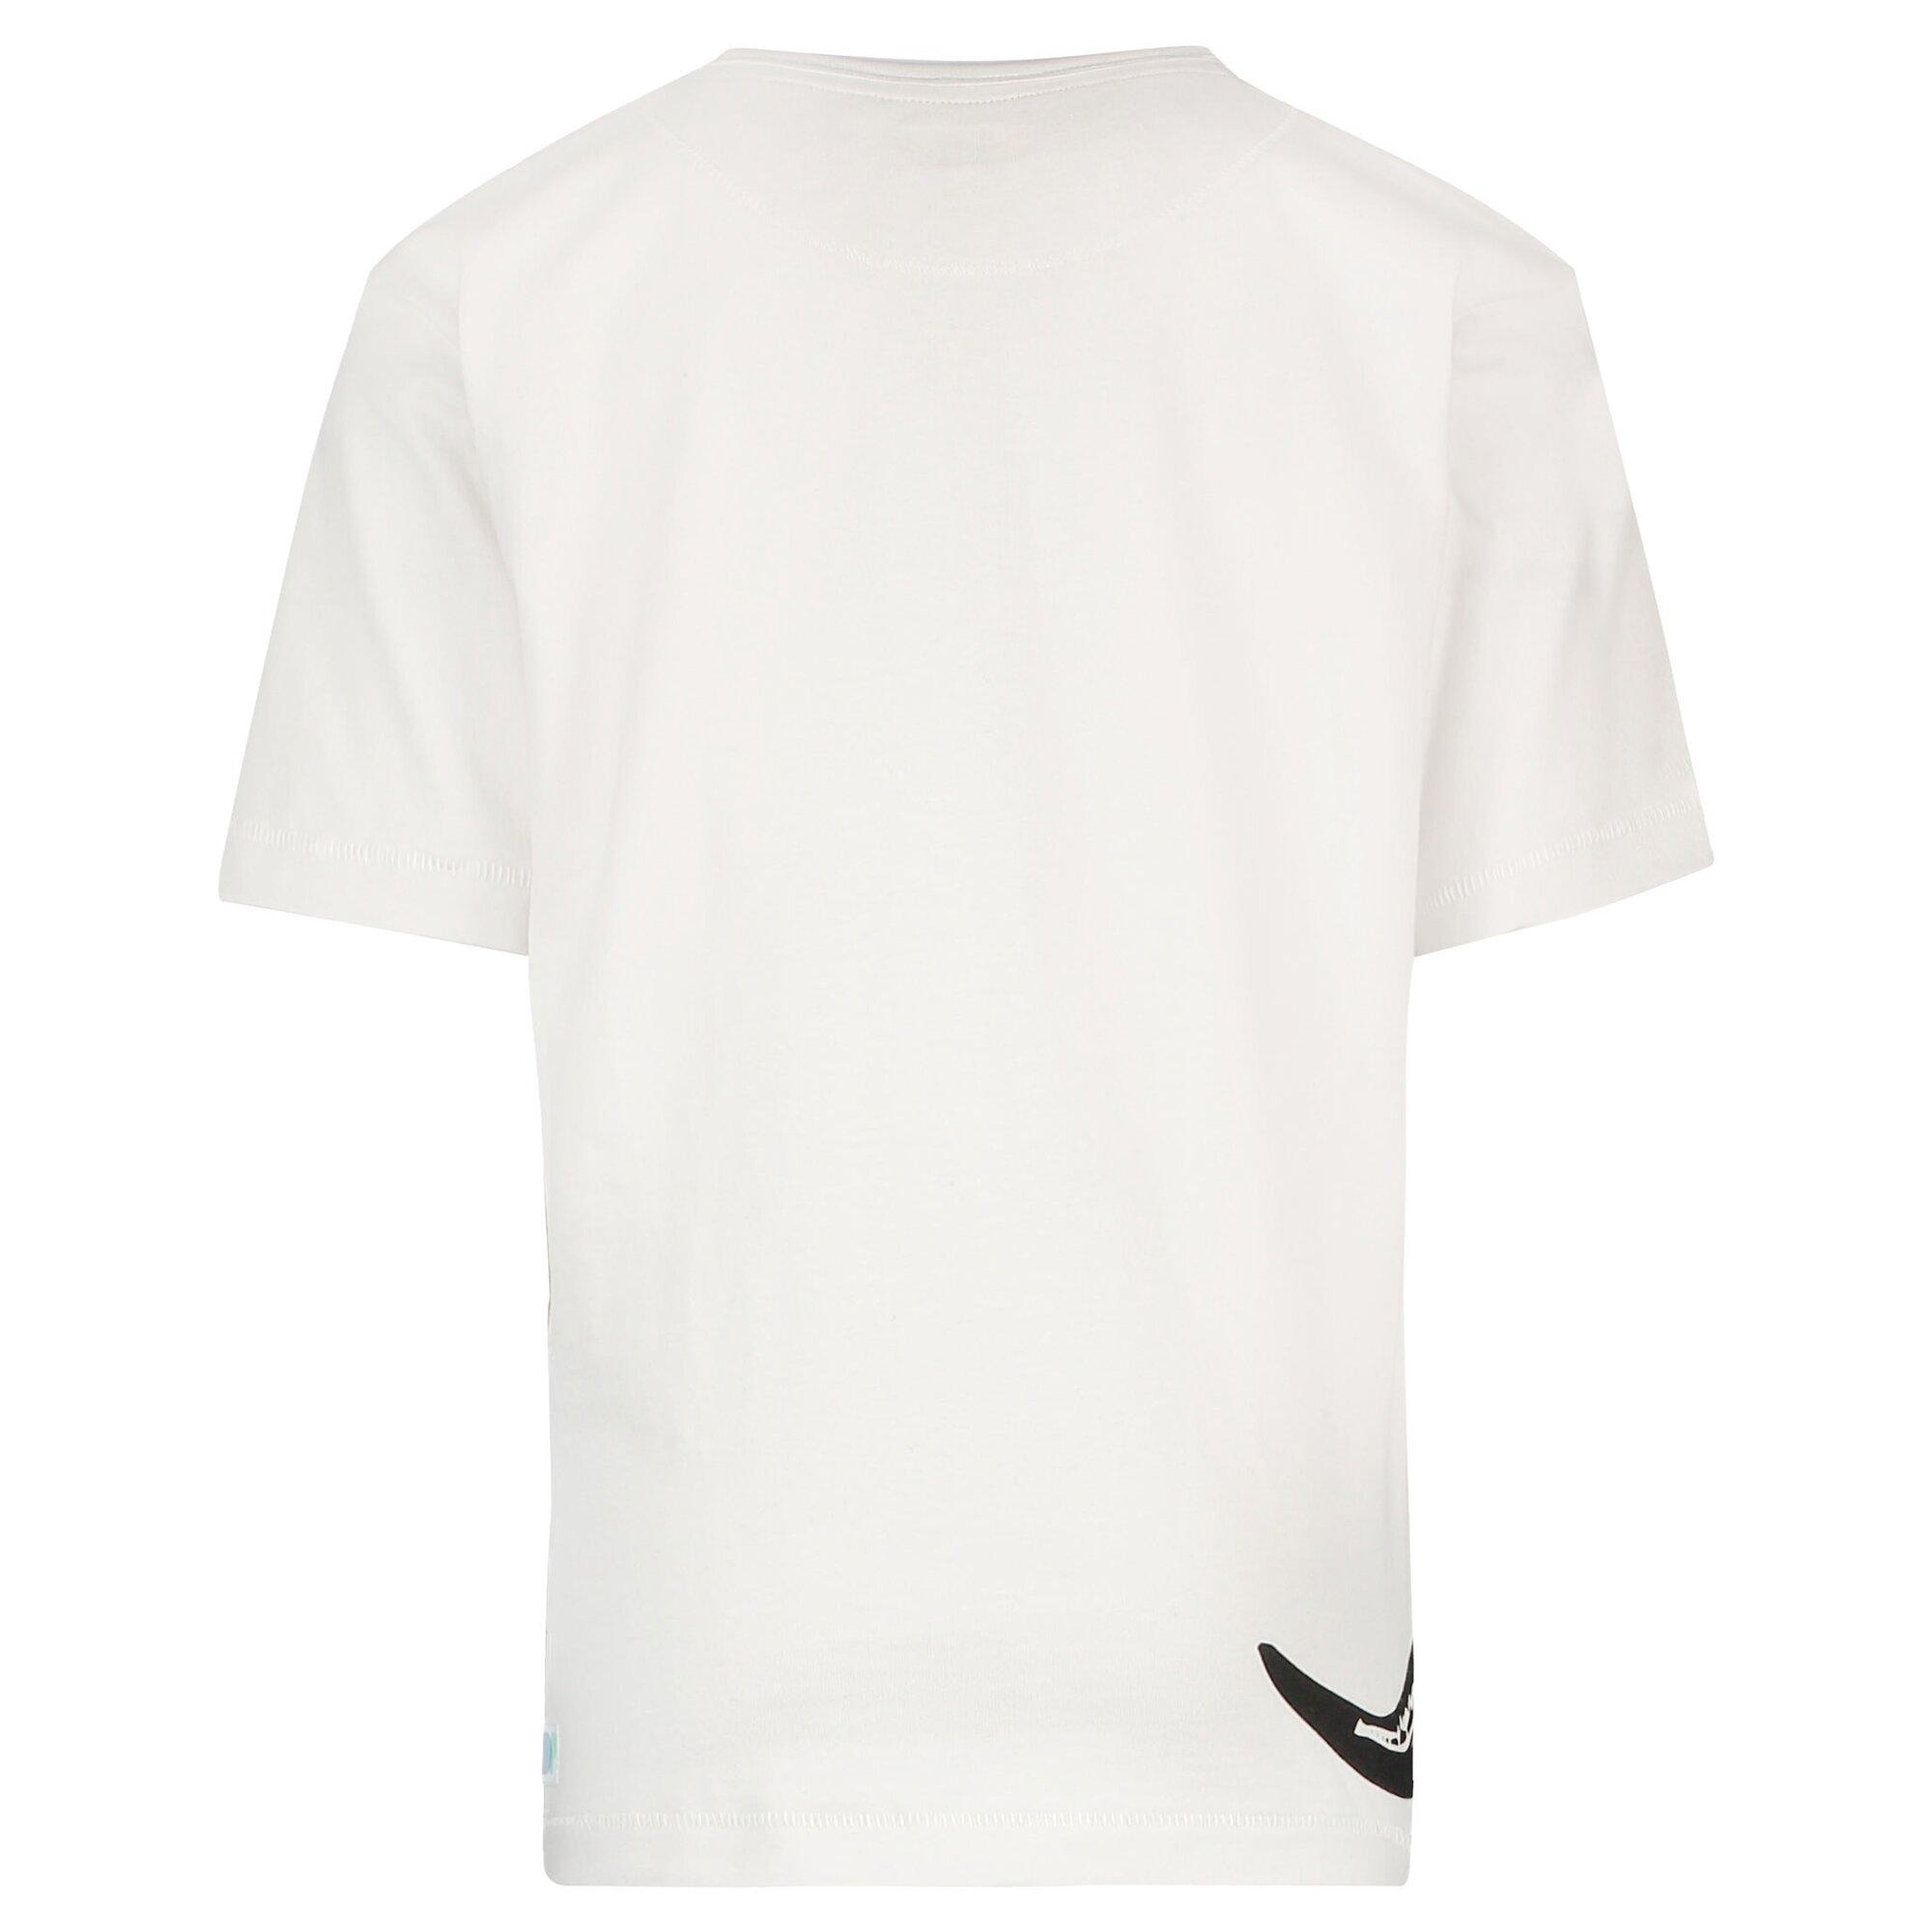 t-shirt-veronique, 14.99 EUR @ babywalz-de